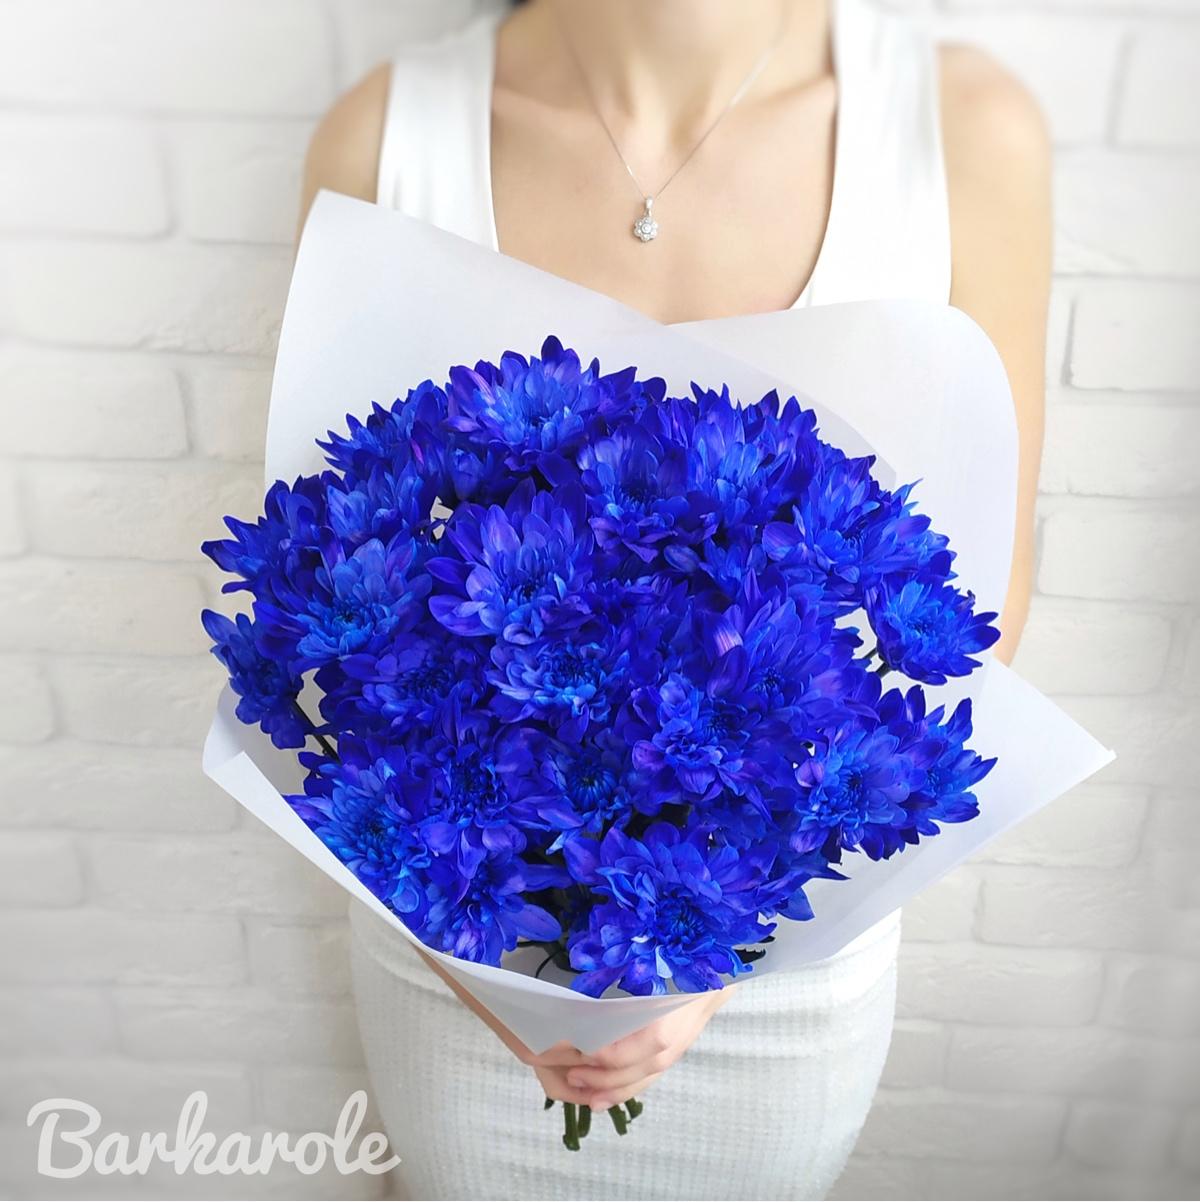 большой букет синие хризантемы фото этом увлечение сферой